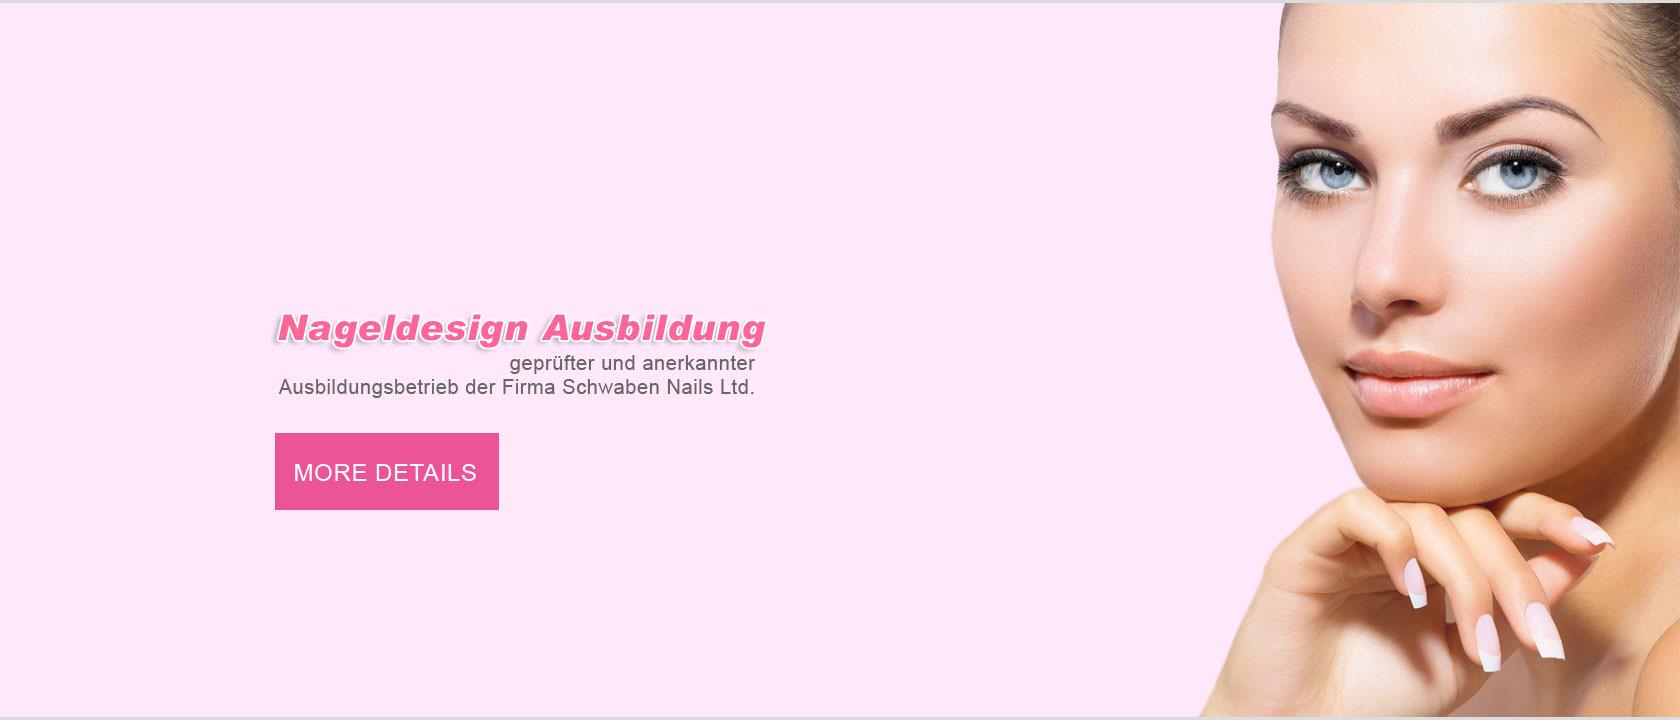 Nageldesign Ausbildung Online  Nageldesign Ausbildung Südtirol Wimpernstylistin